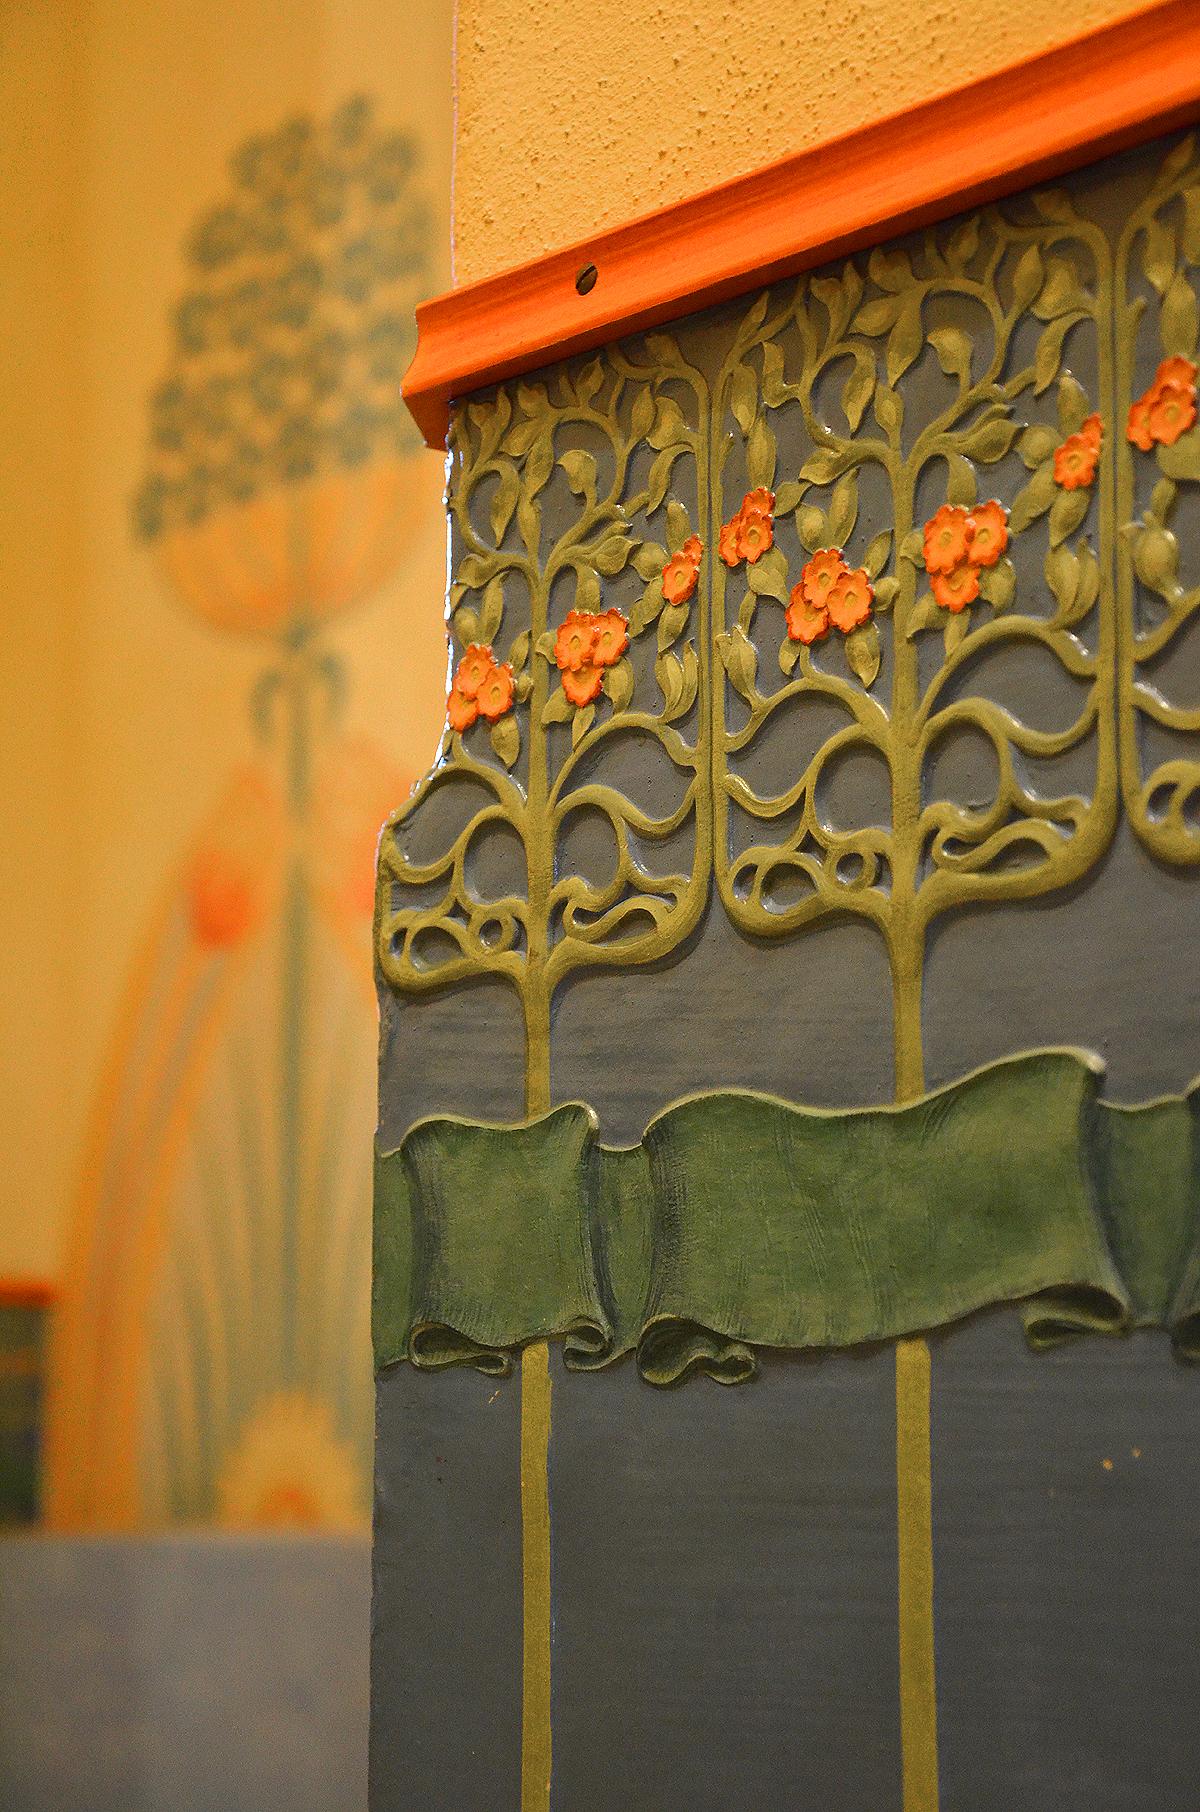 file overlachsches haus details im flur zum treppenhaus wandverkleidung aus farbig bedruckter. Black Bedroom Furniture Sets. Home Design Ideas